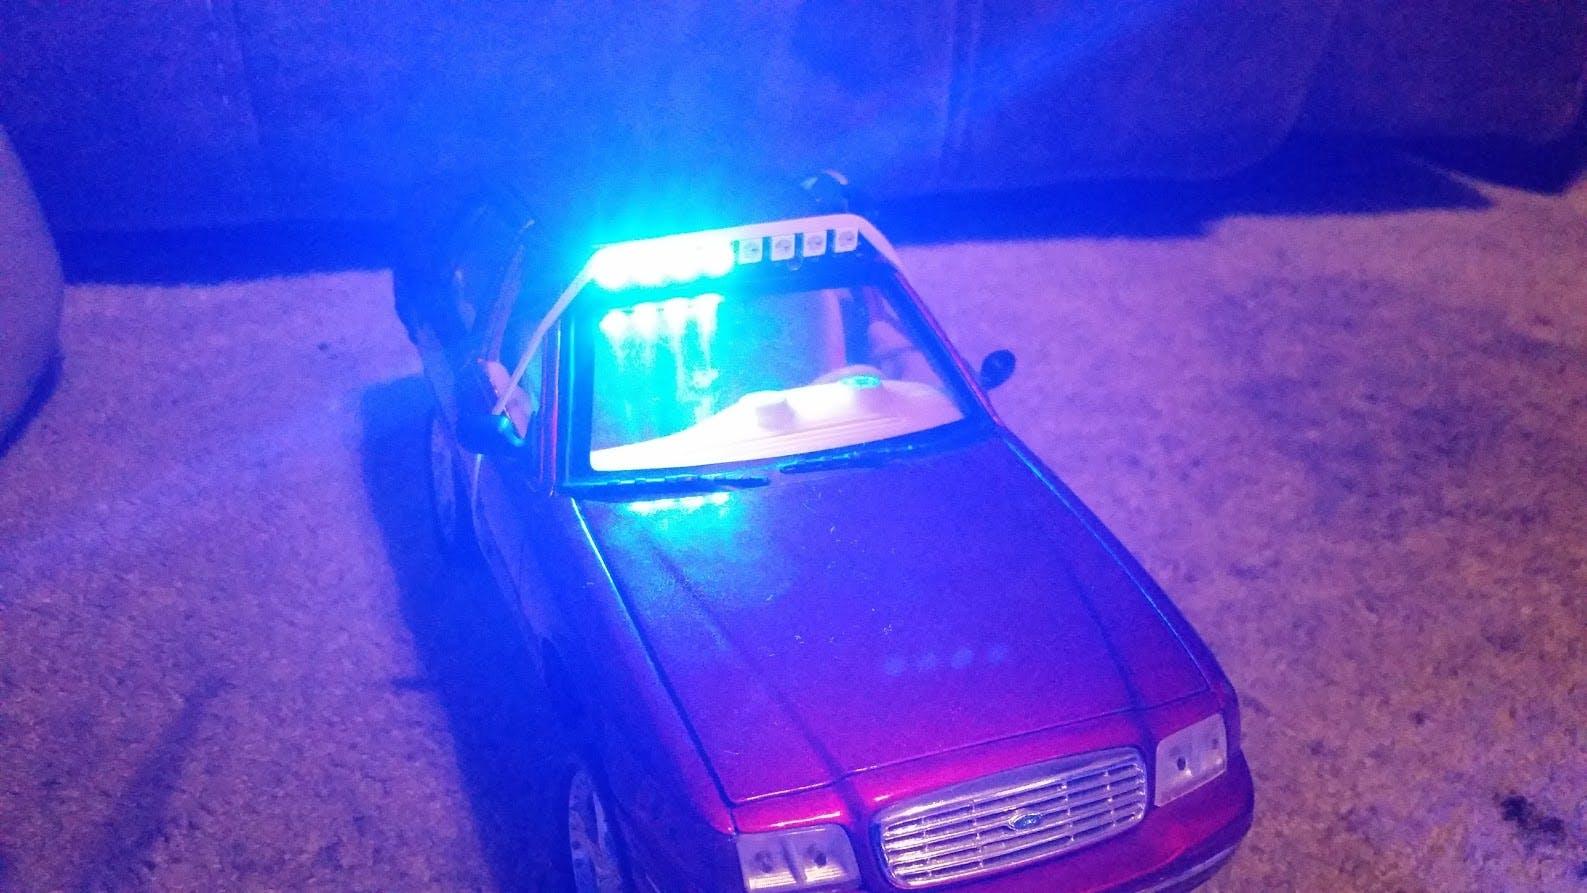 Led Emergency Lights Using Ws2812 Rgb Led Module